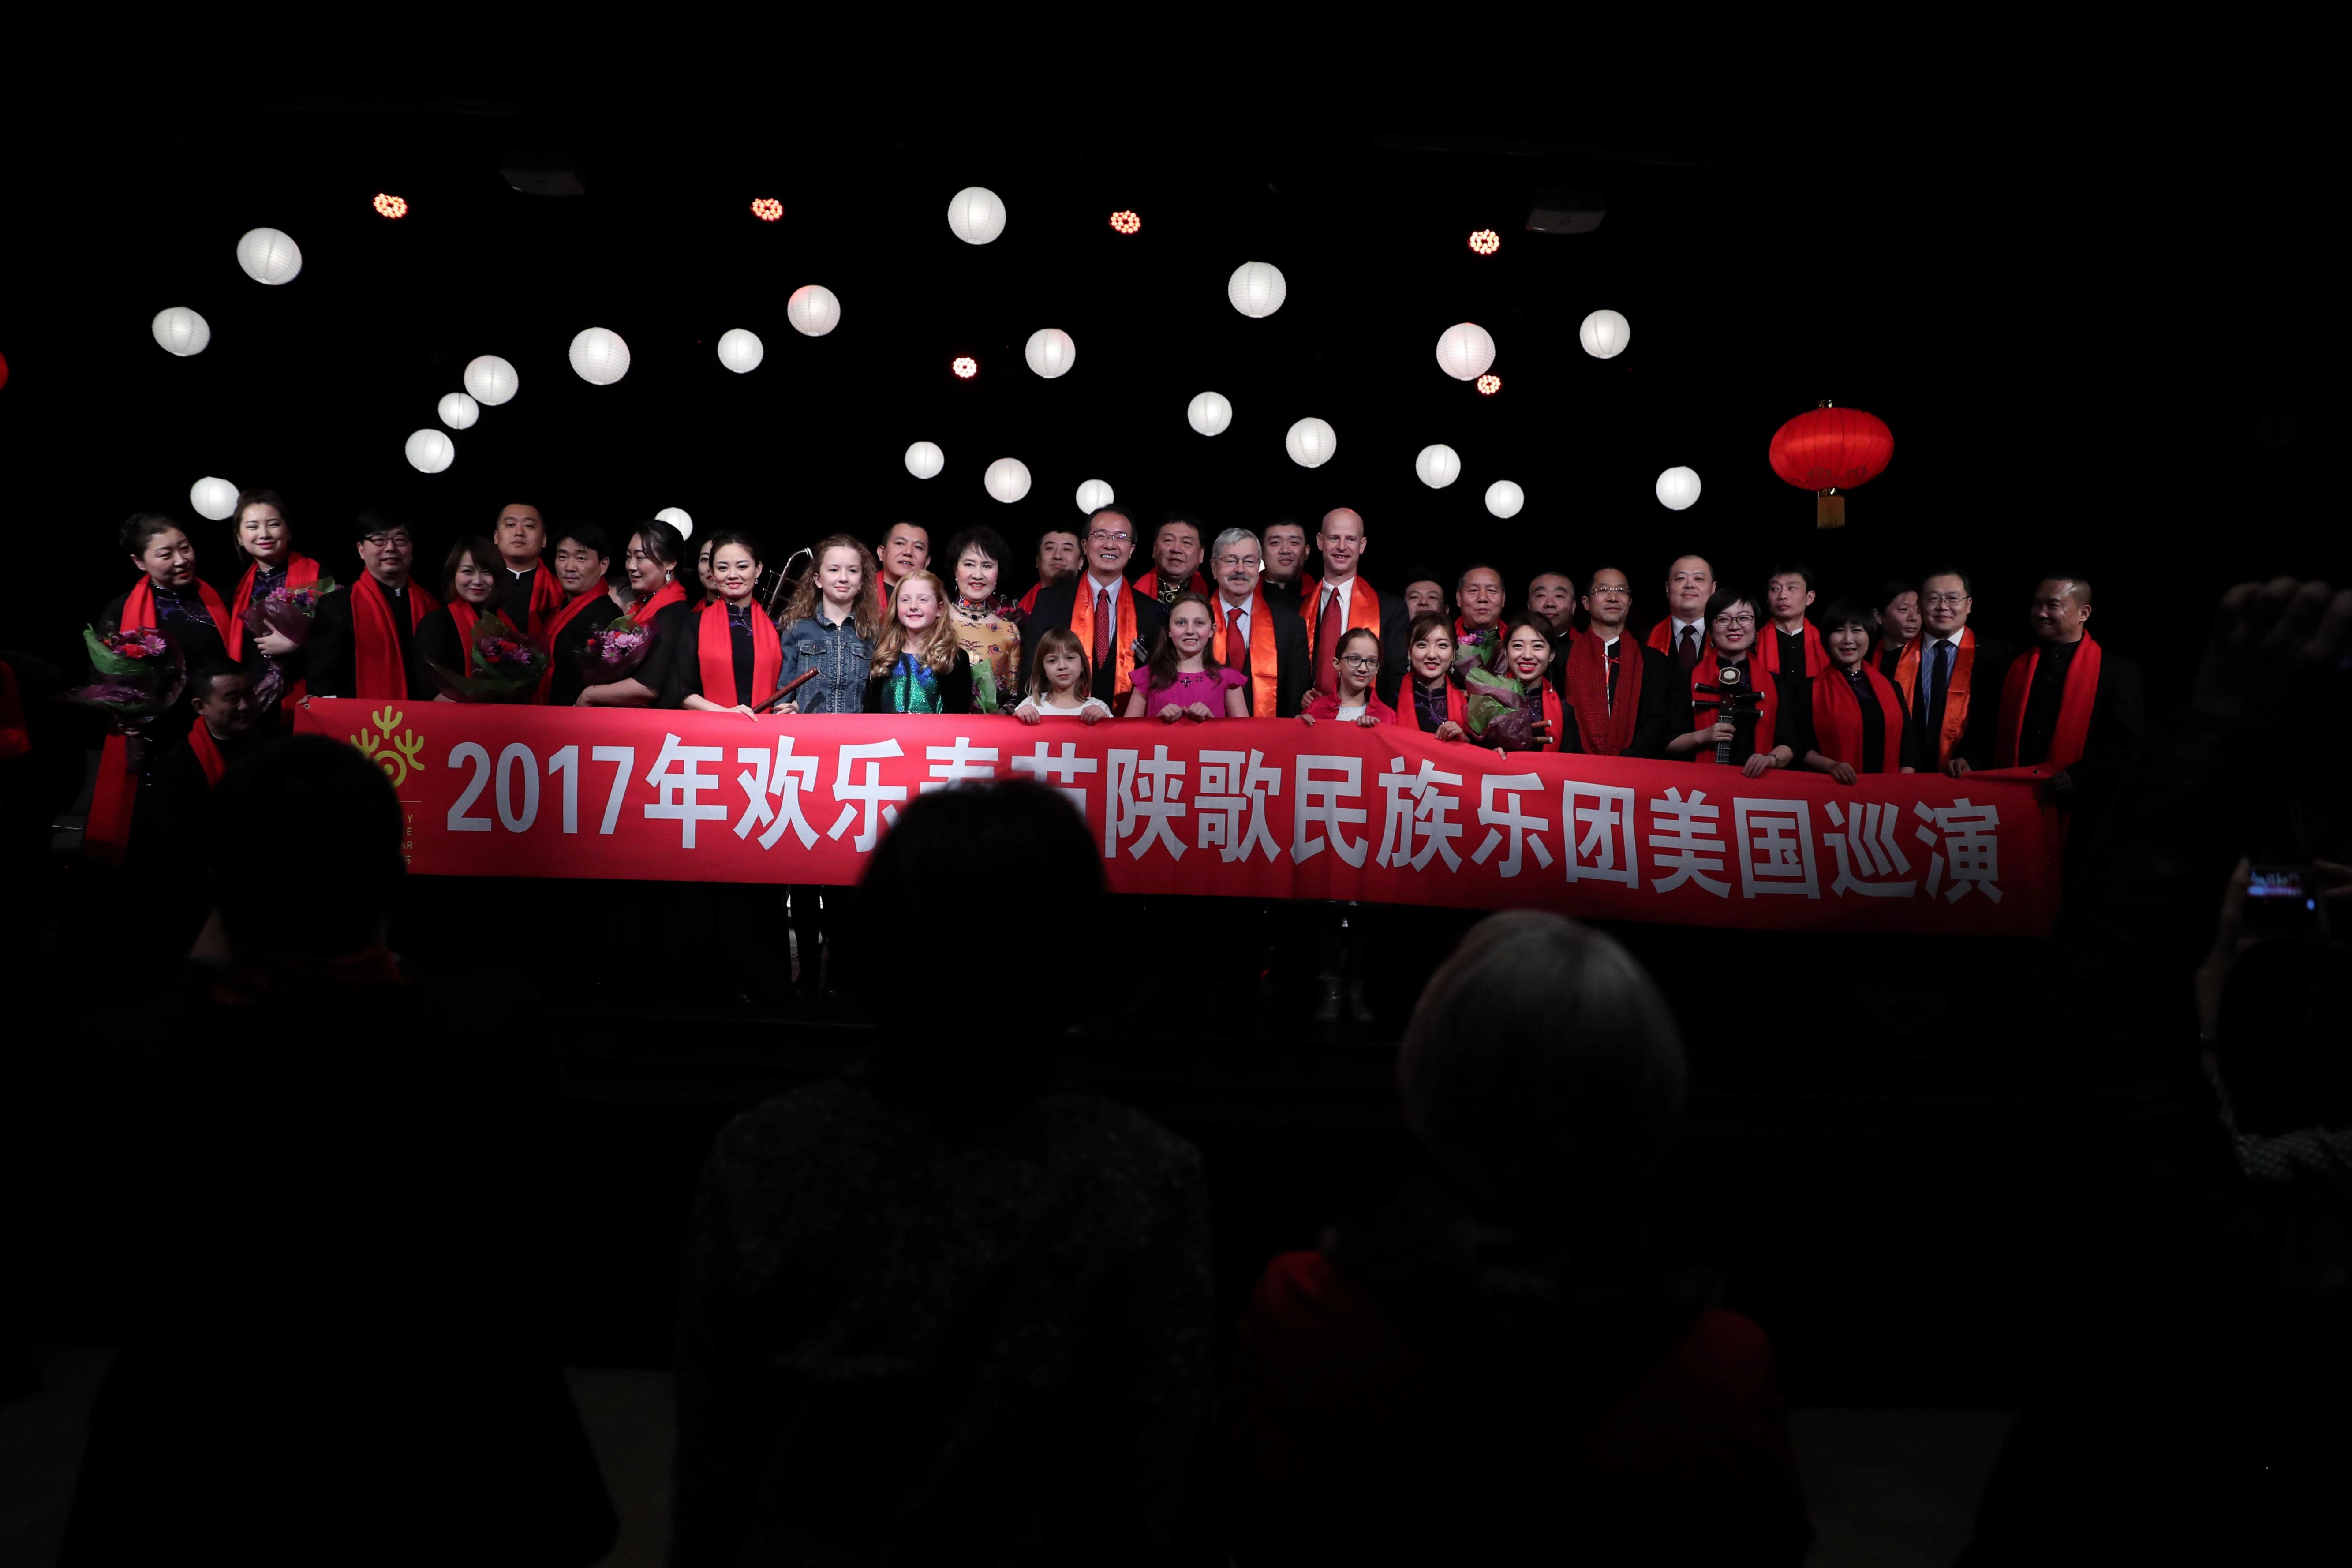 2月1日,马斯卡廷市,欢乐春节音乐会结束后组织方和表演人员集体合影。;;(新华社记者汪平摄;)